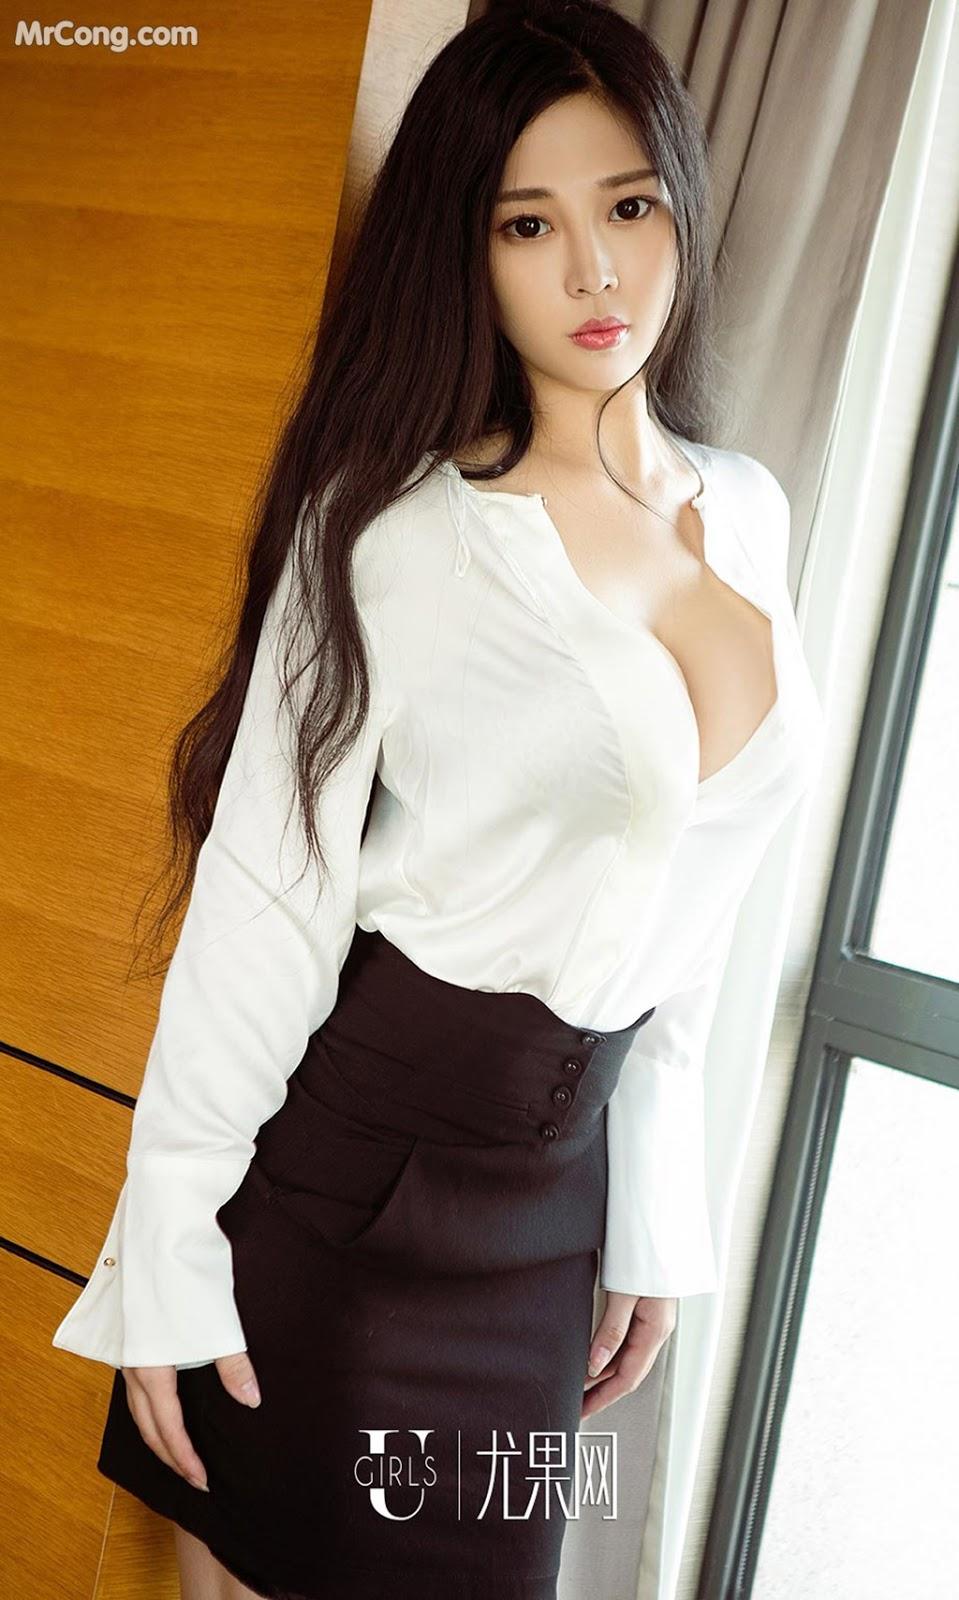 Image UGIRLS-Ai-You-Wu-App-No.1265-Wang-Shi-Shi-MrCong.com-005 in post UGIRLS – Ai You Wu App No.1265: Người mẫu Wang Shi Shi (王诗诗) (35 ảnh)